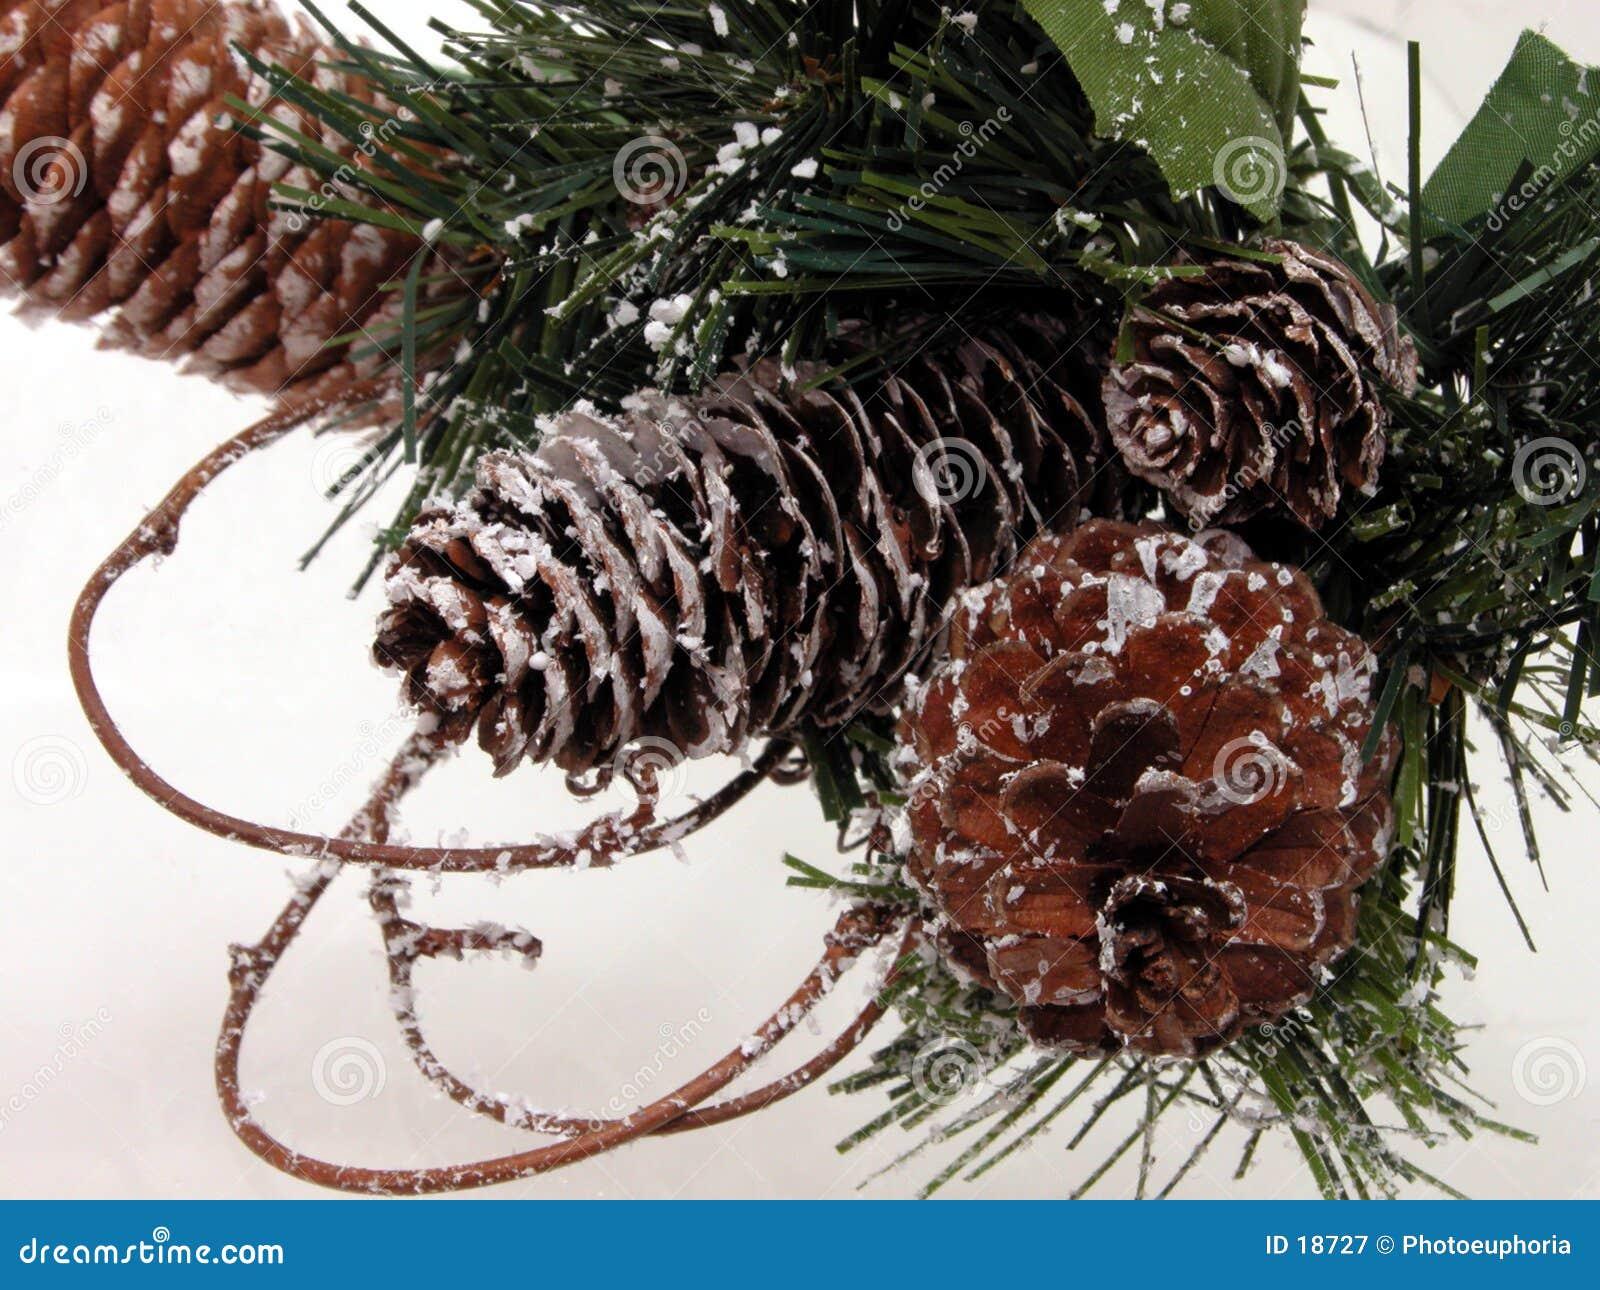 Día de fiesta y estacional: Cono del pino de la Navidad y nieve artificial